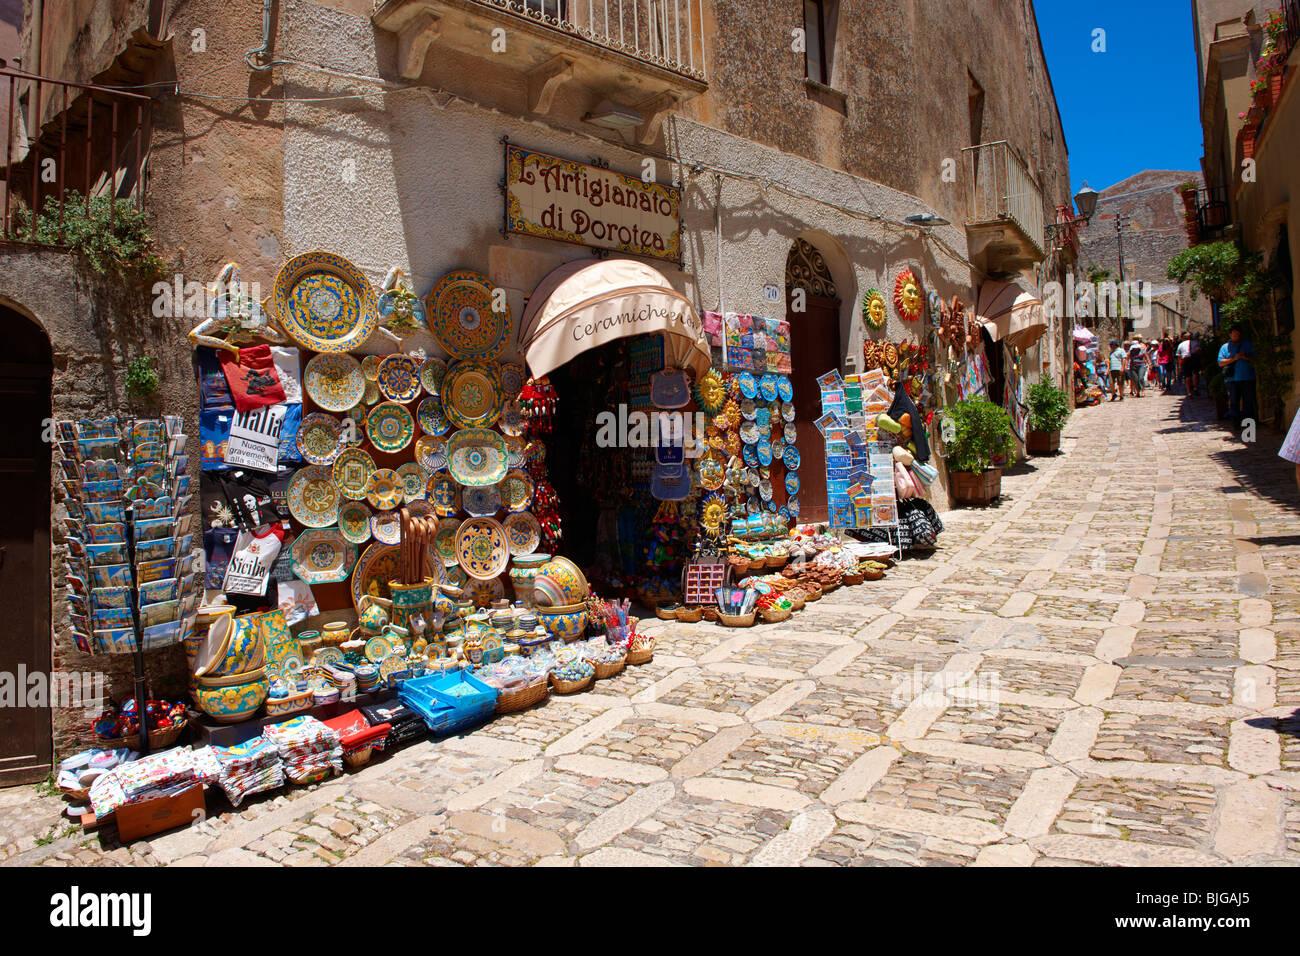 Les boutiques touristiques et poteries siciliennes Érice, Erice, Sicile photos commerciales. Photo Stock